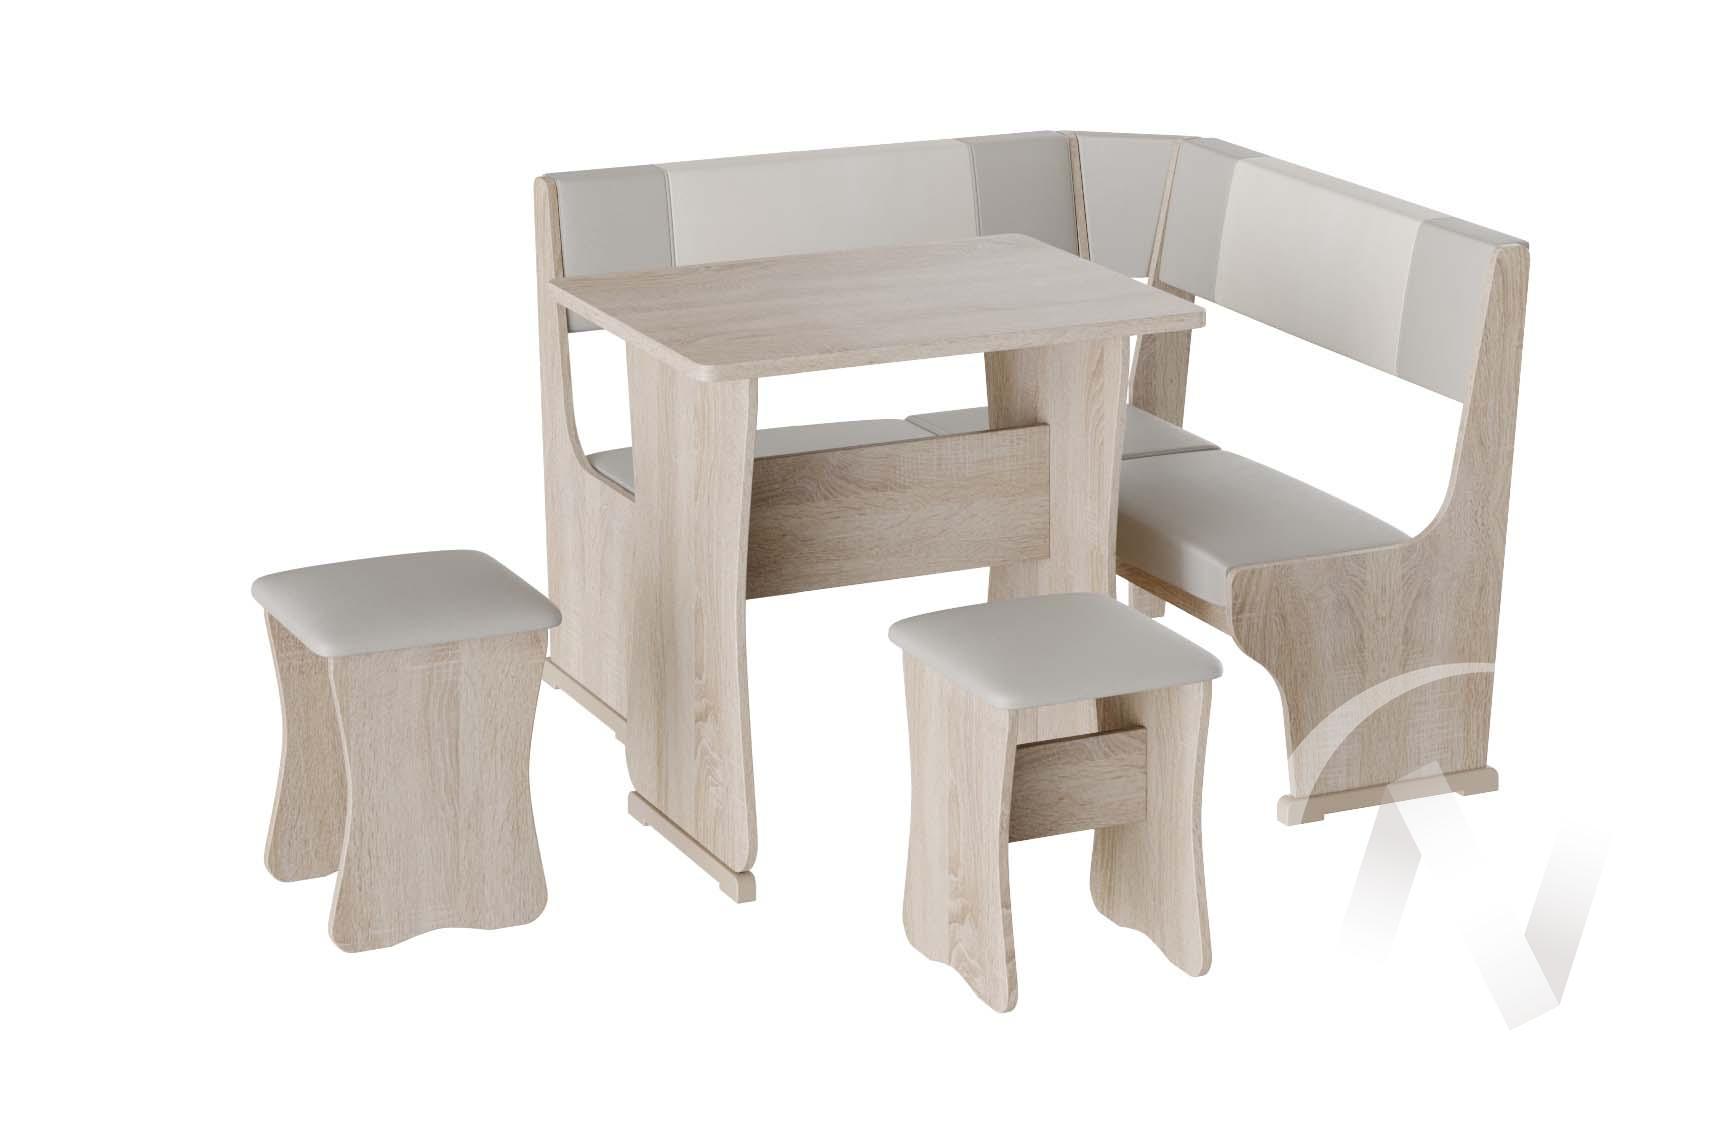 Кухонный уголок Гамма мини тип 1 кожзам (дуб сонома/серый,белый)  в Томске — интернет магазин МИРА-мебель